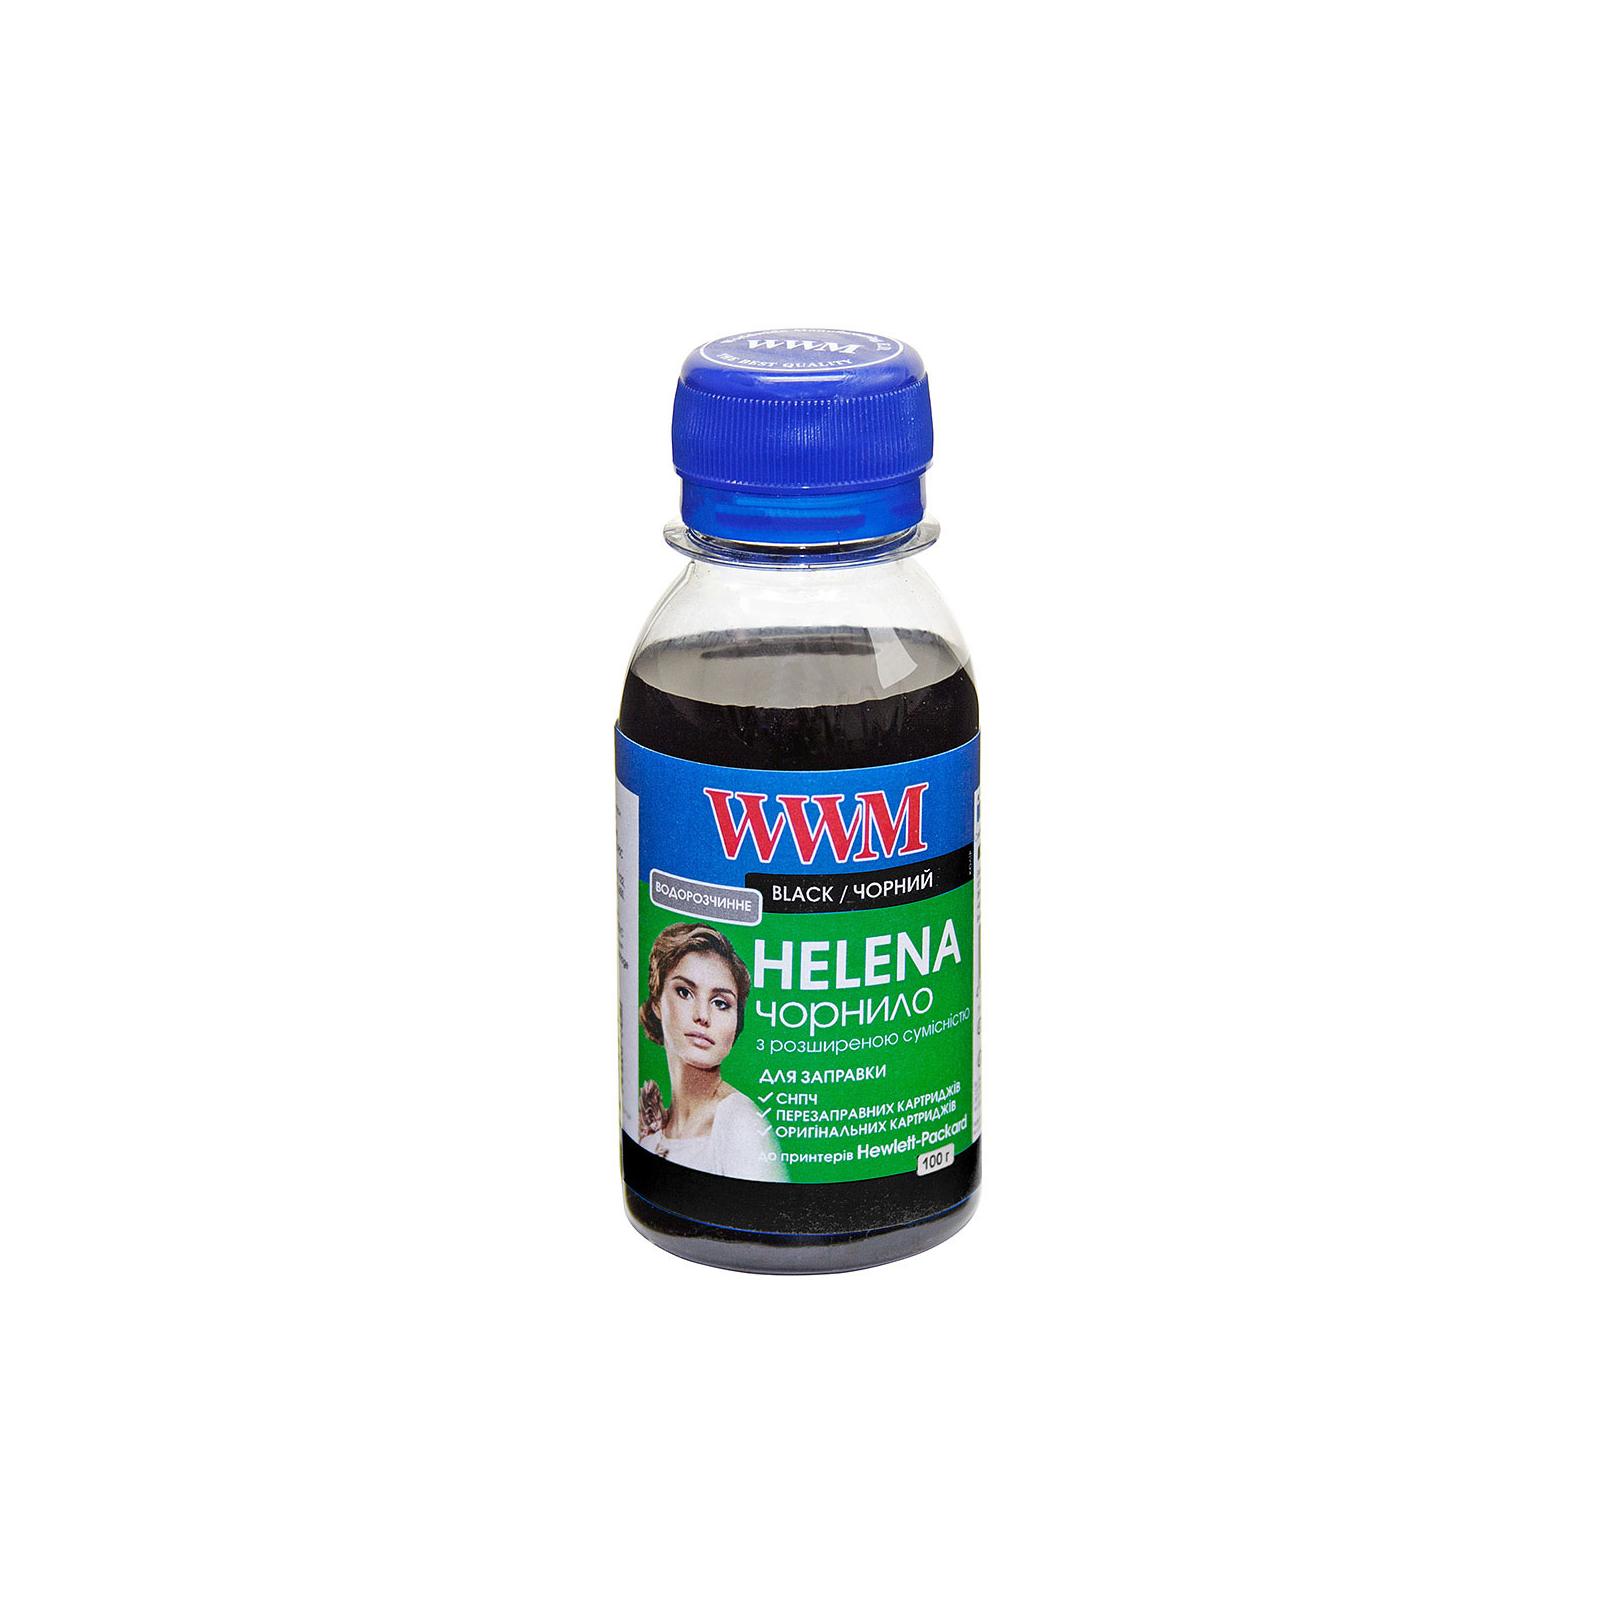 Чернила WWM HP UNIVERSAL HELENA Black (HU/B-2)